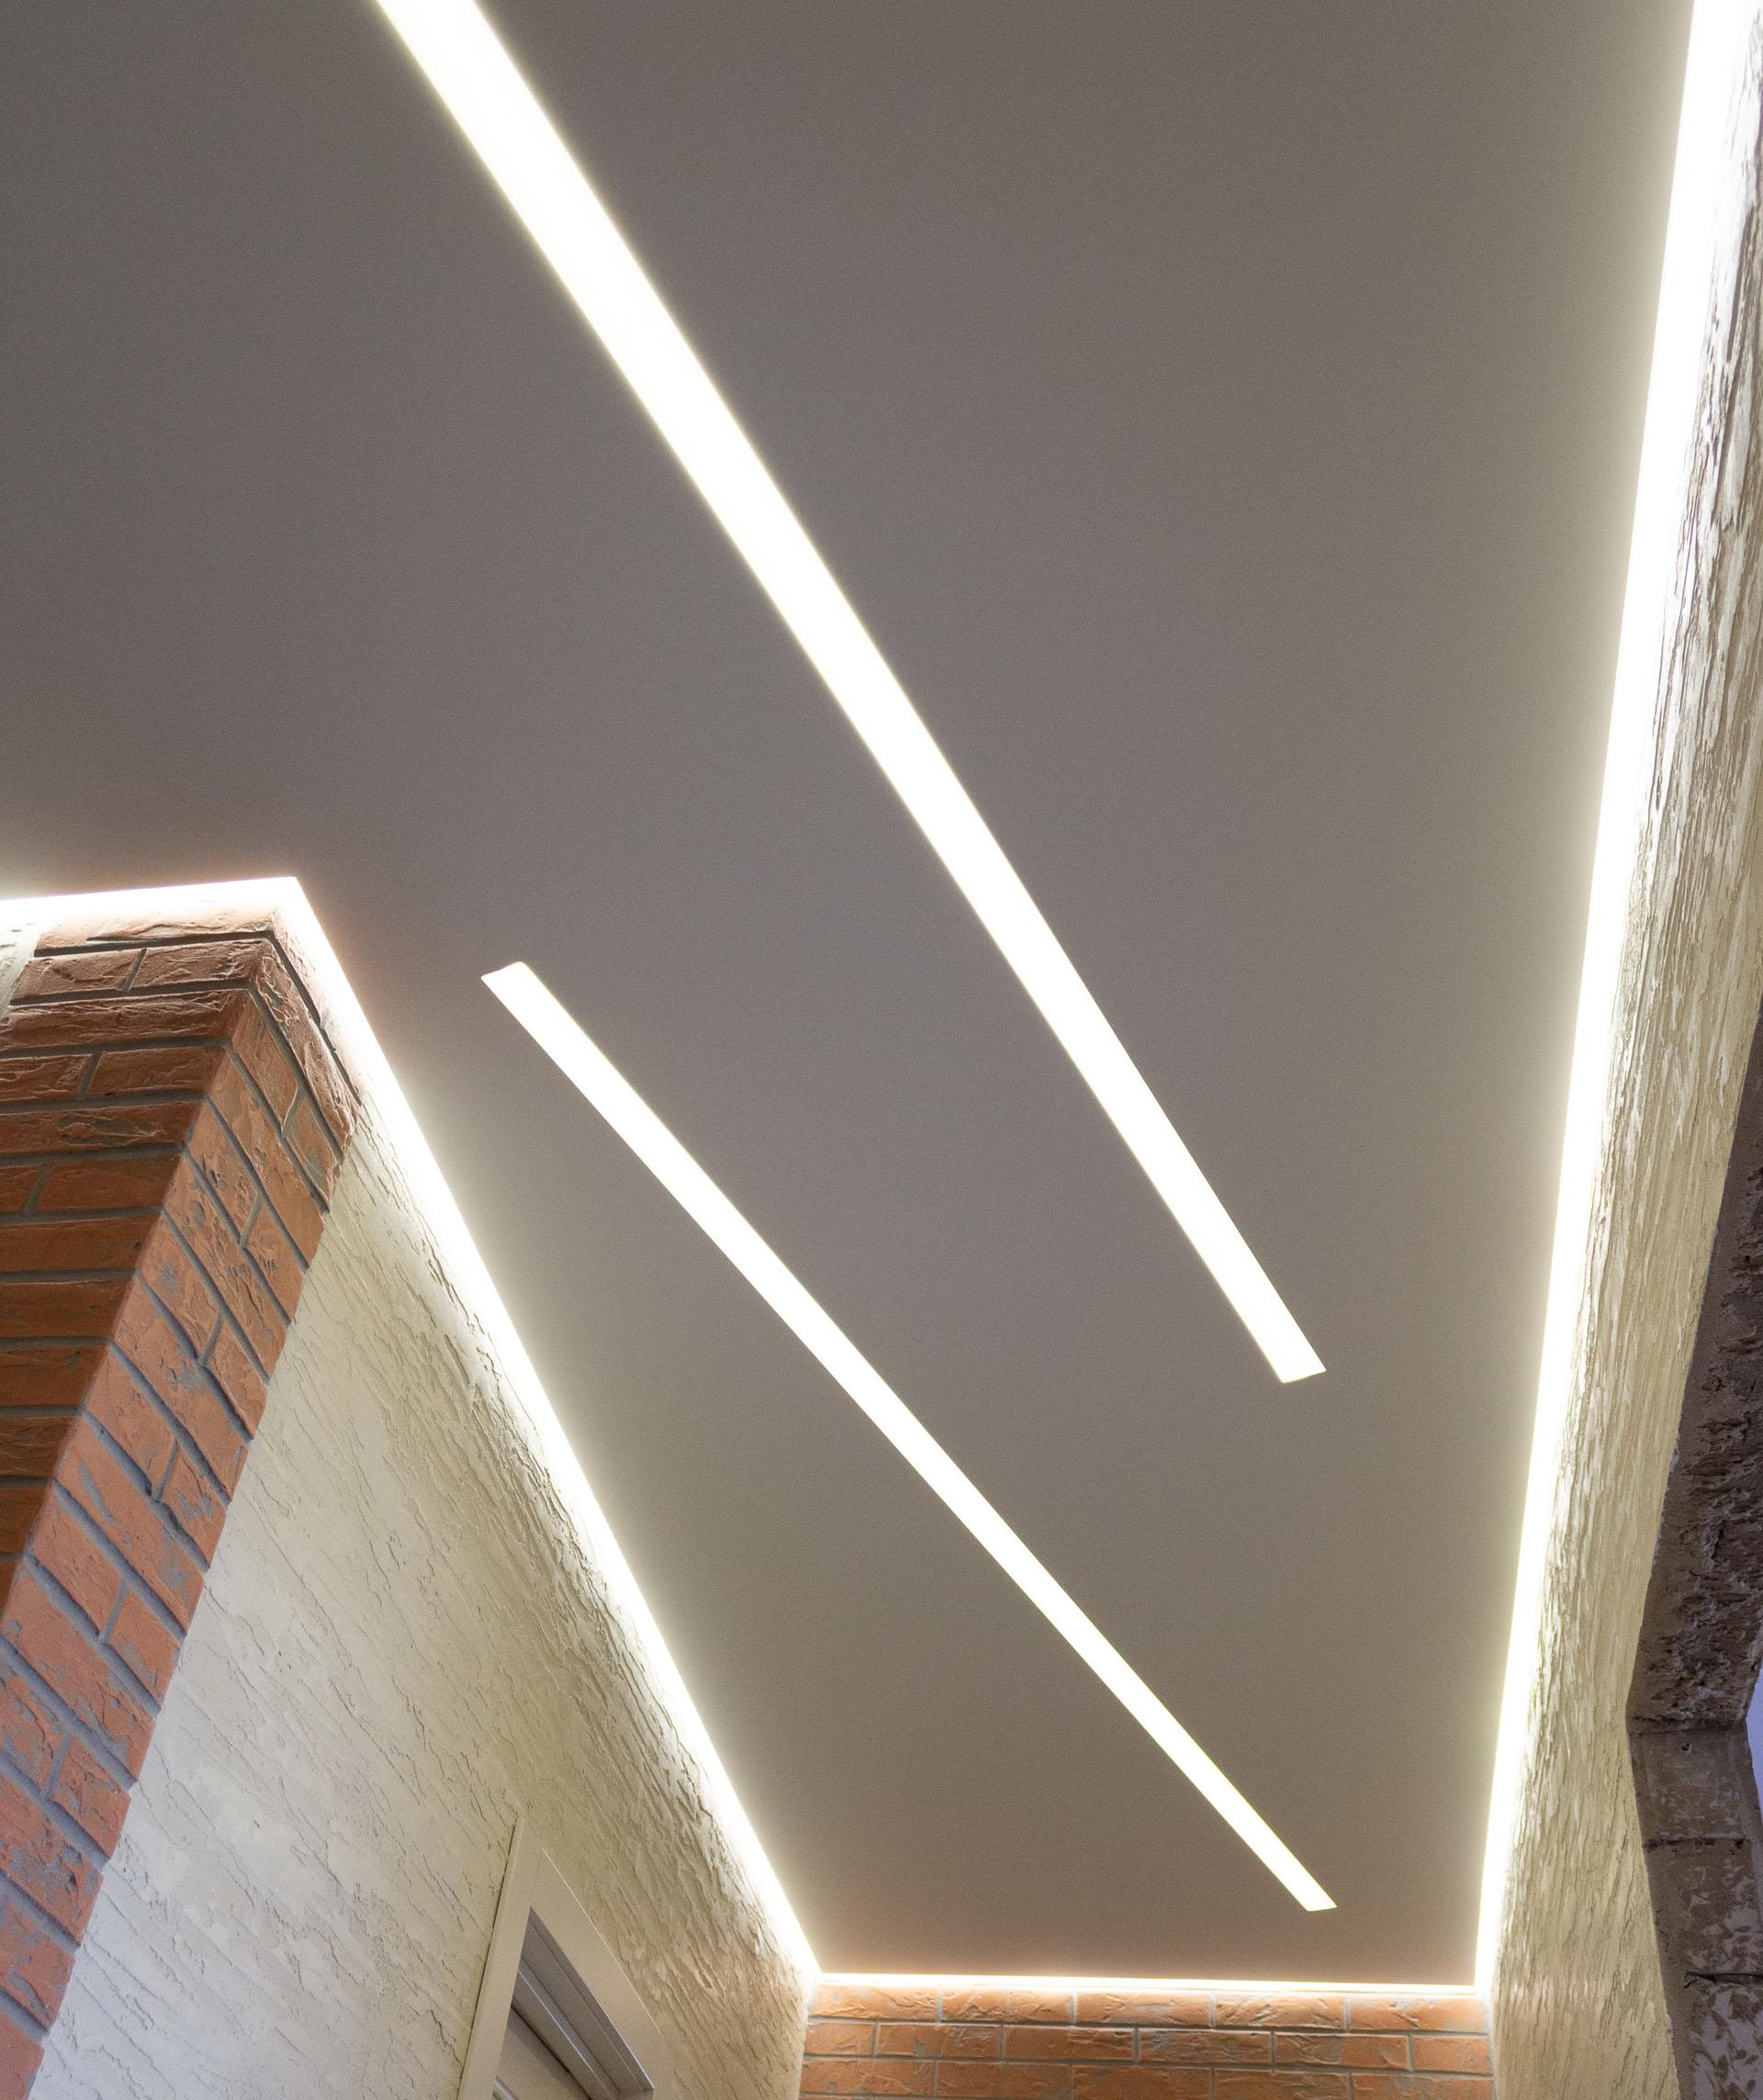 комбинация световых линиий и контурного потолка